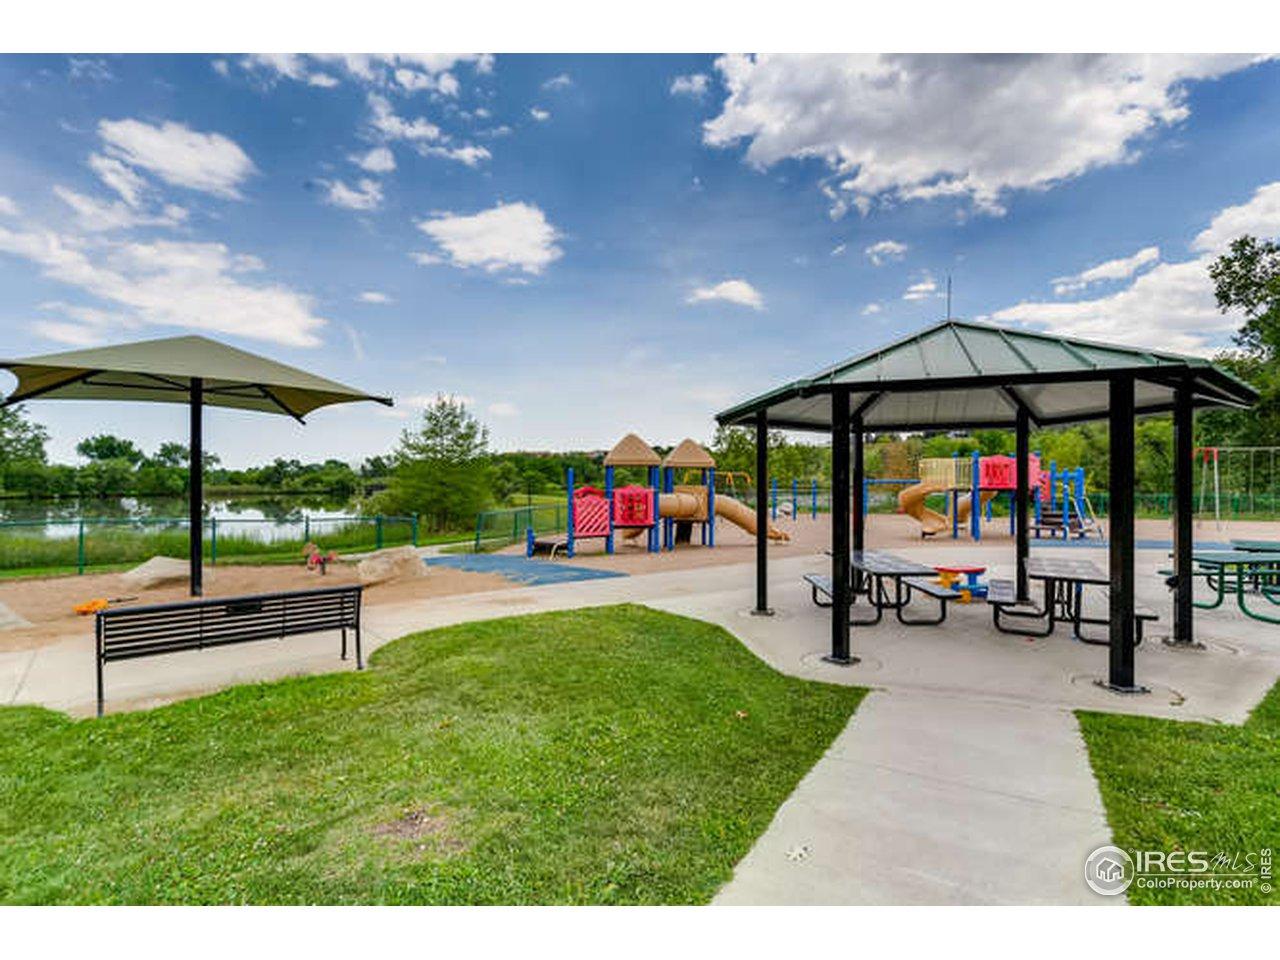 Park & Playground